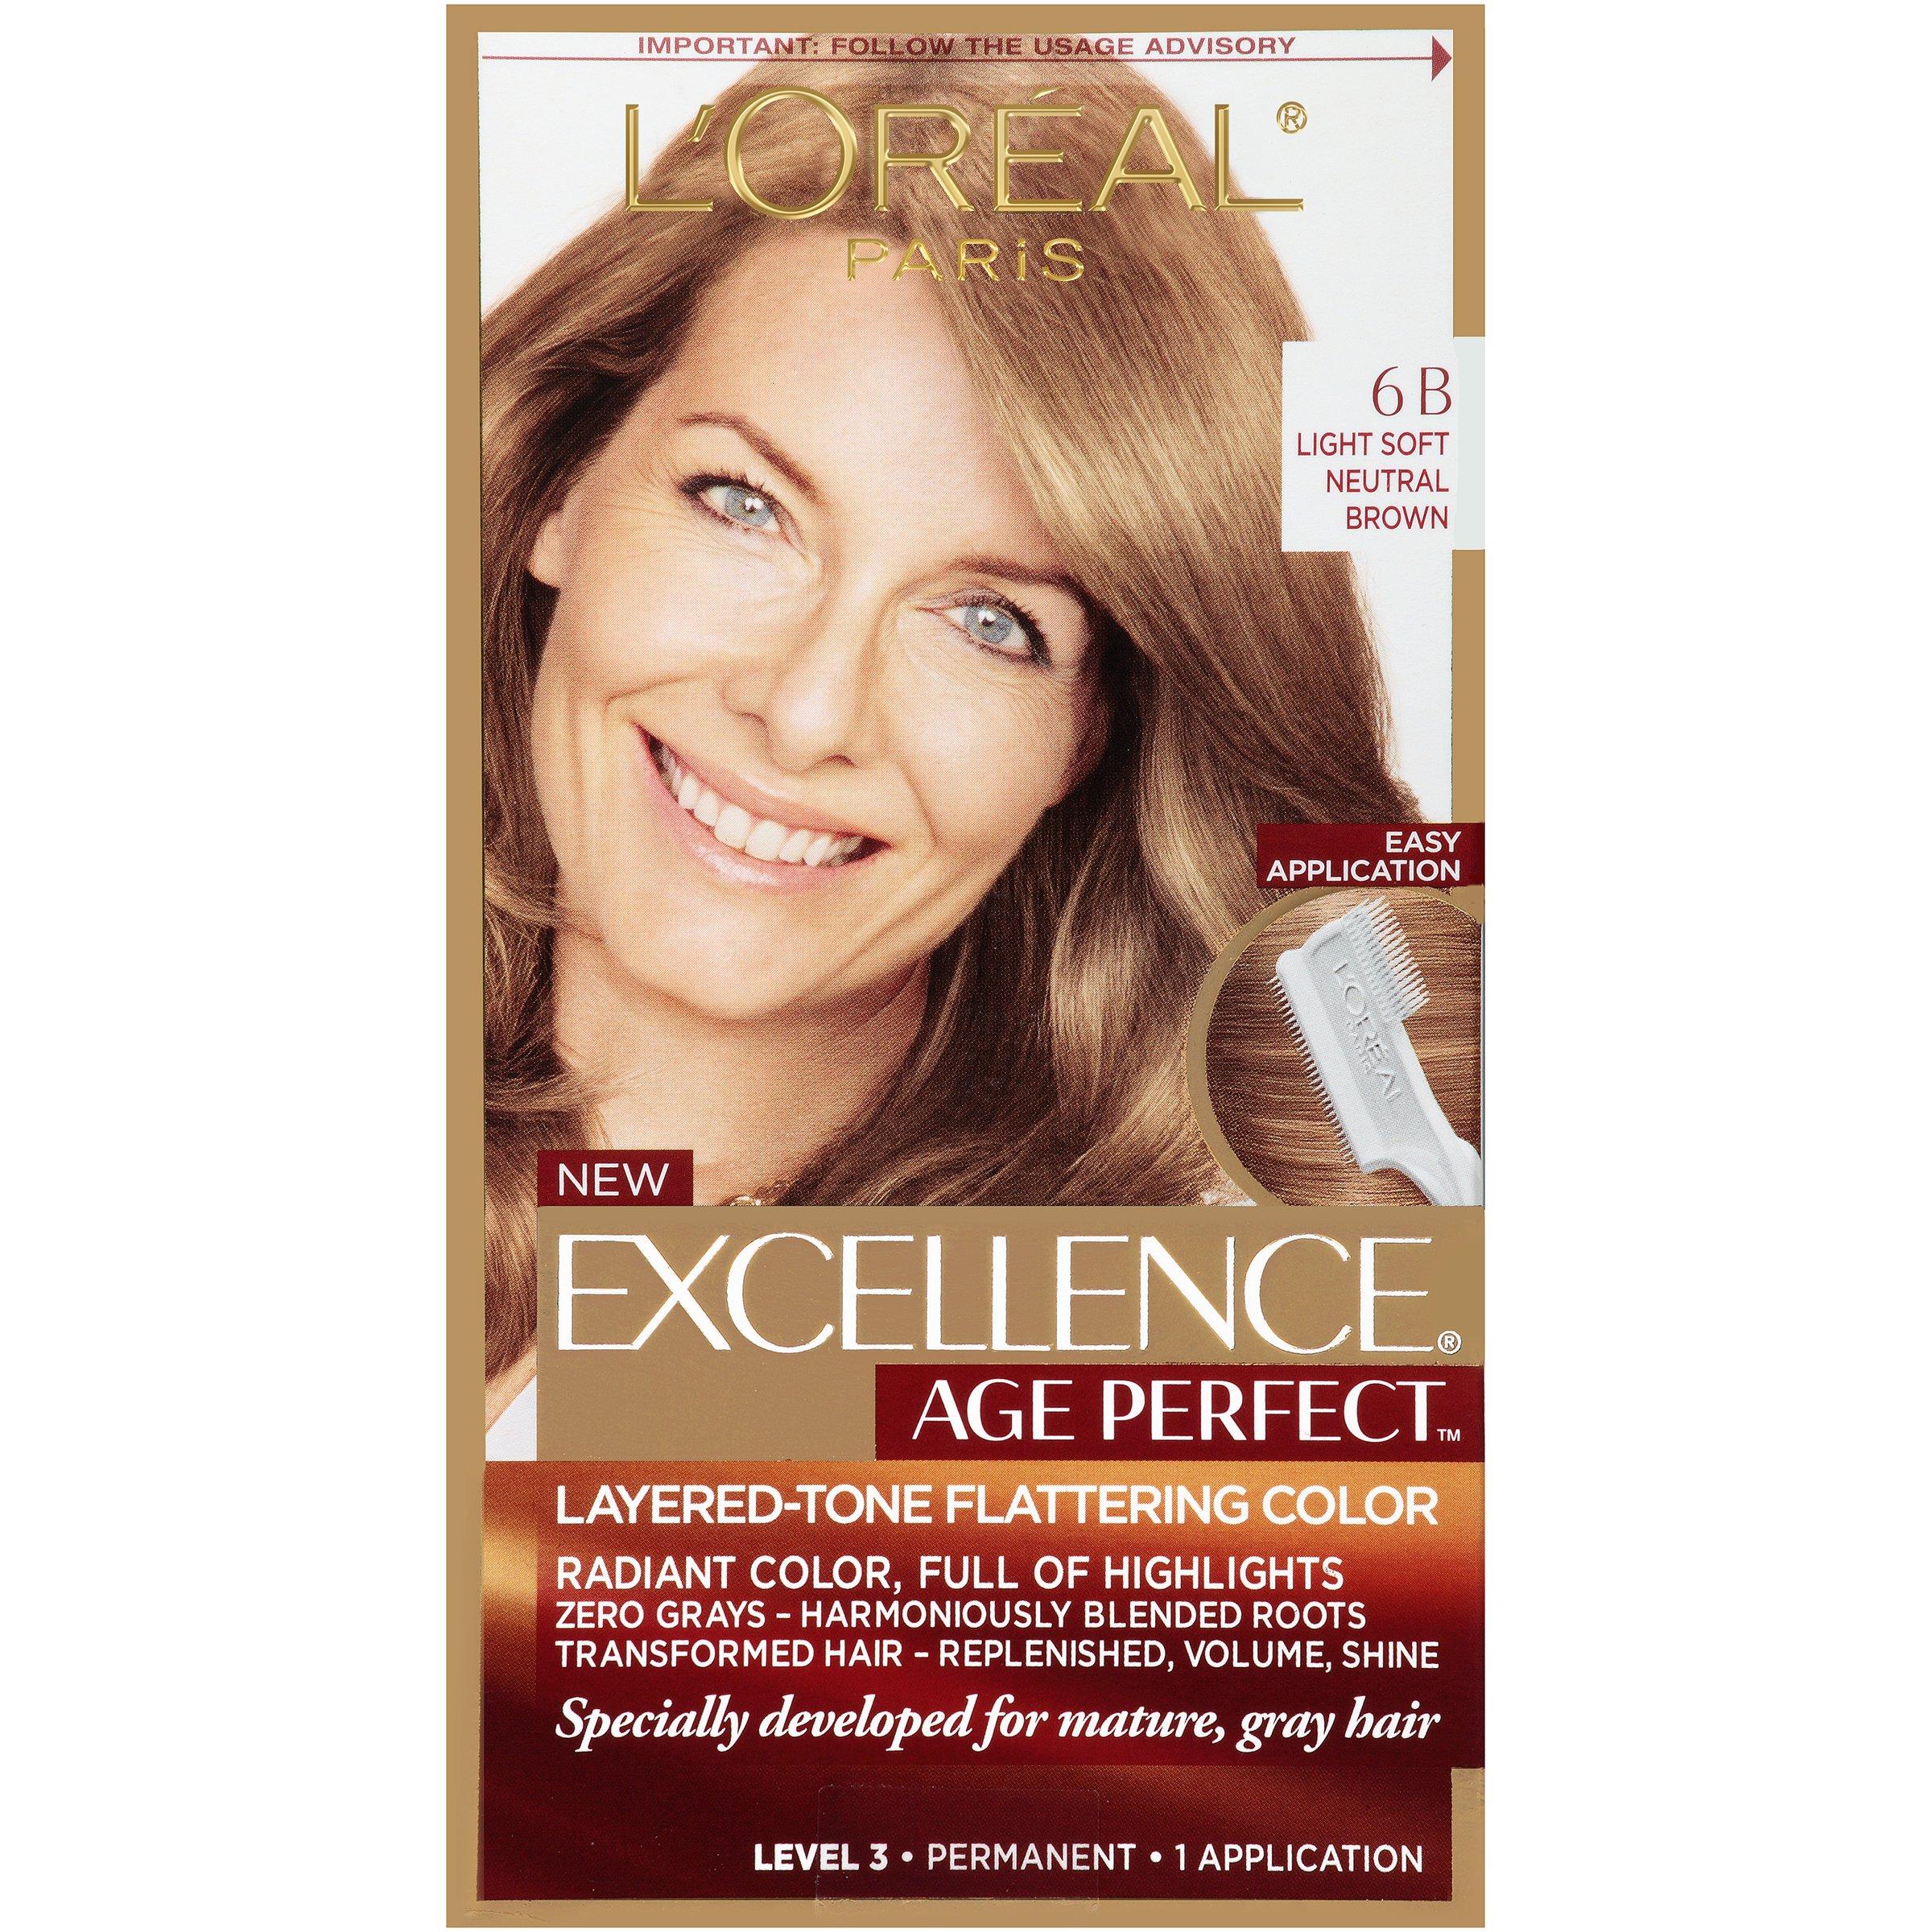 Amazon.com : LOréal Paris Age Perfect Permanent Hair Color, 6.5G Lightest Soft Golden Brown